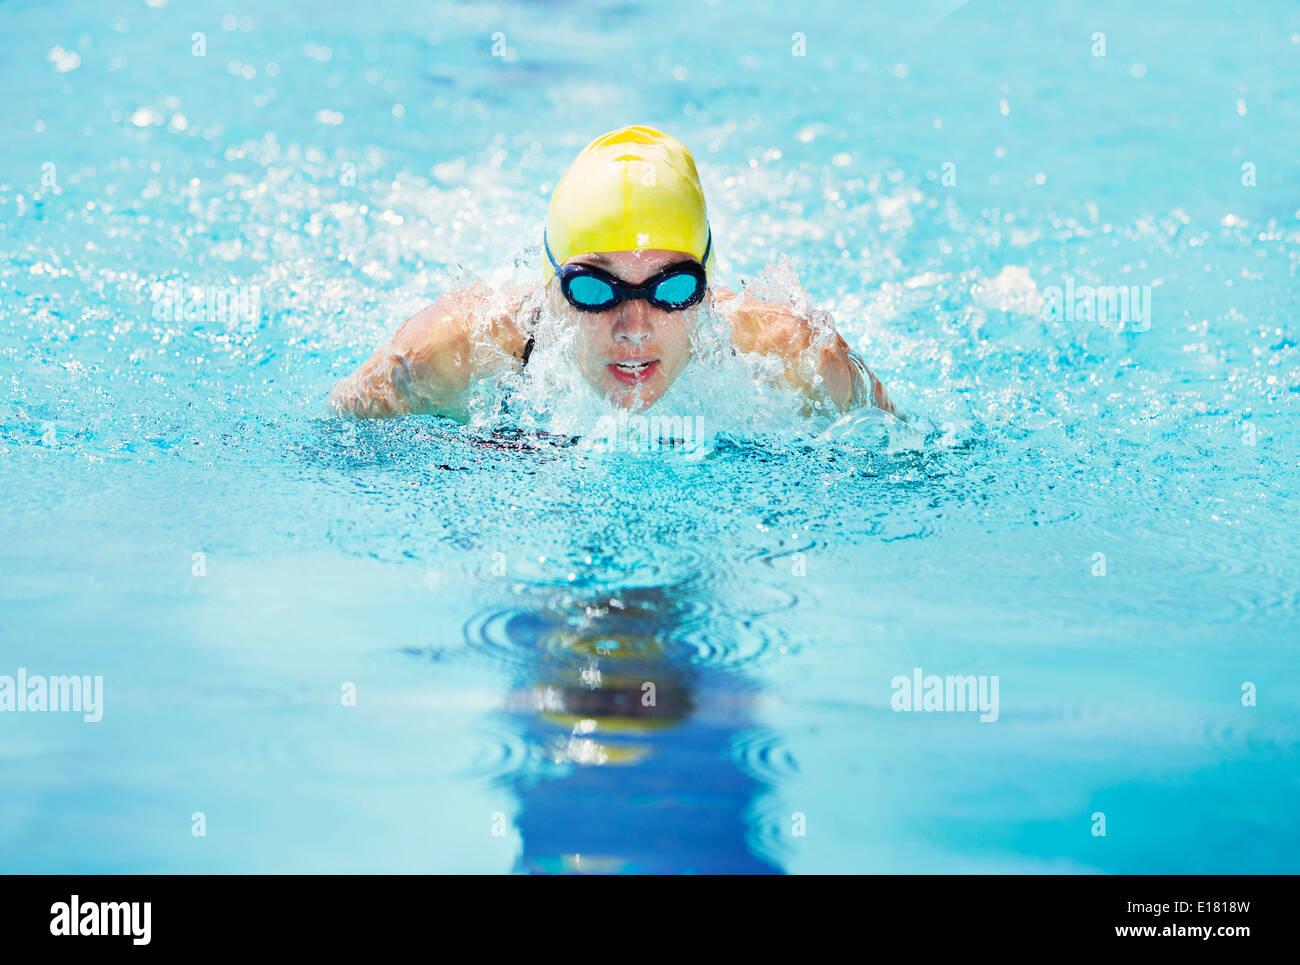 Nuotatore che indossa gli occhiali di protezione in piscina Immagini Stock